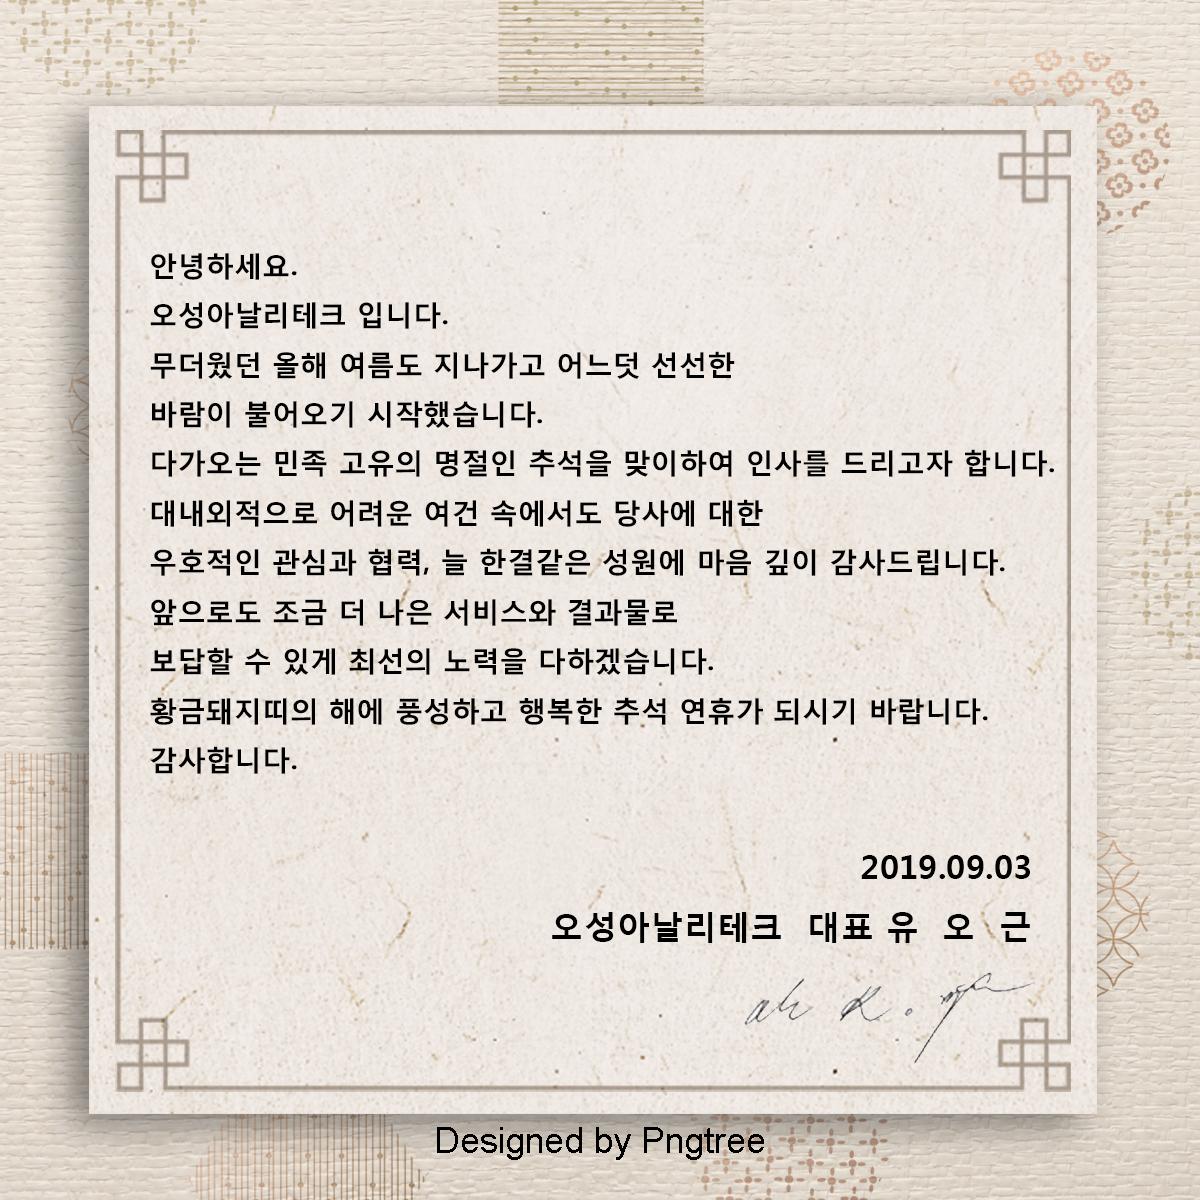 명절인사_1.png